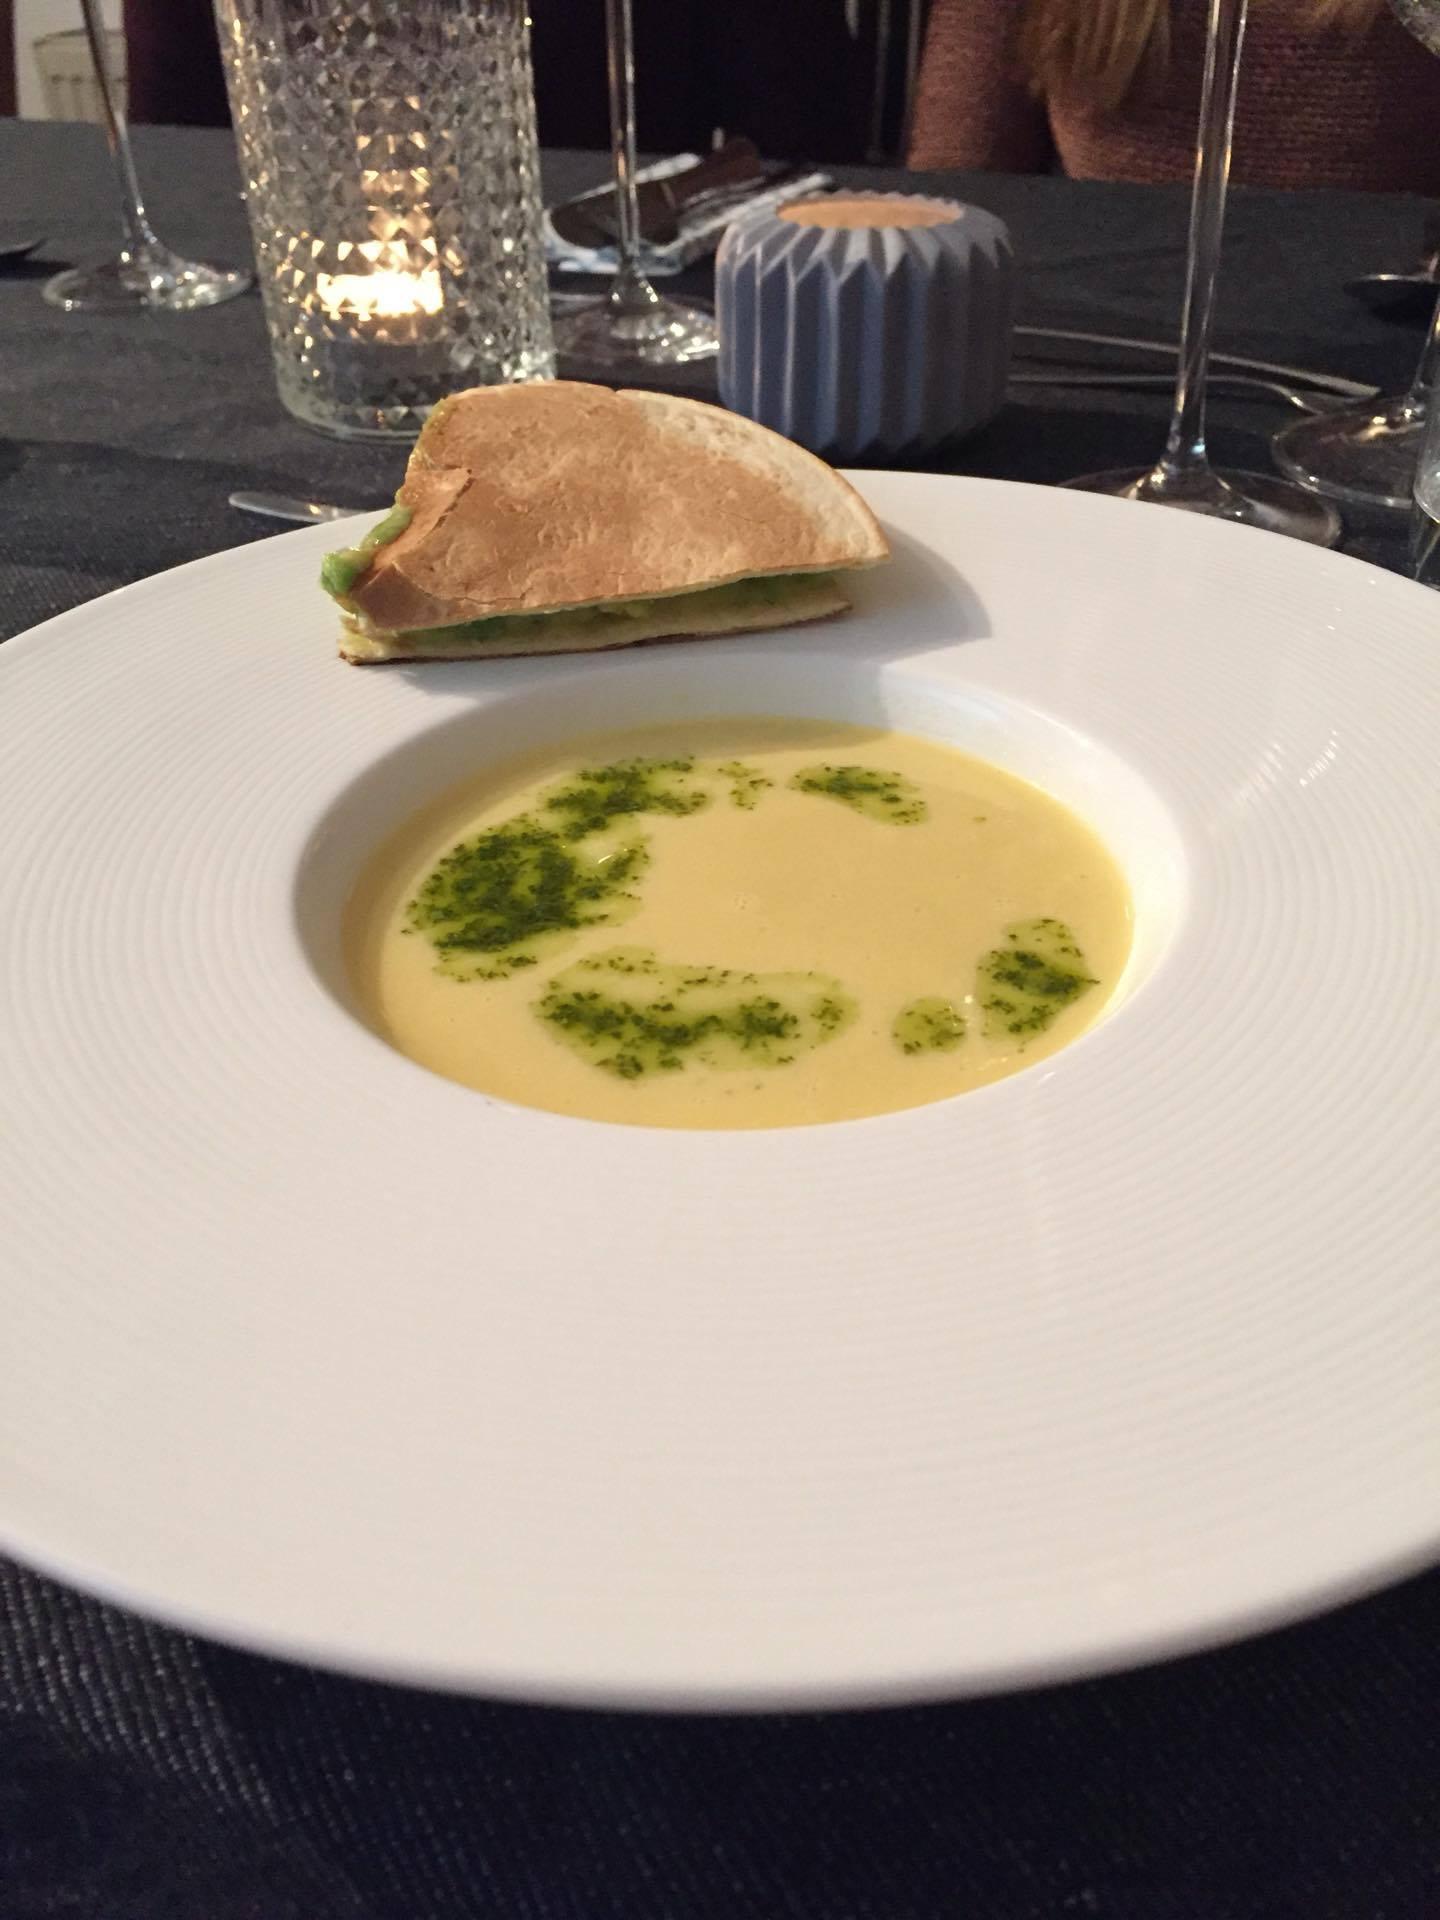 Maissuppe mit Korianderöl und Avocado Quesadilla